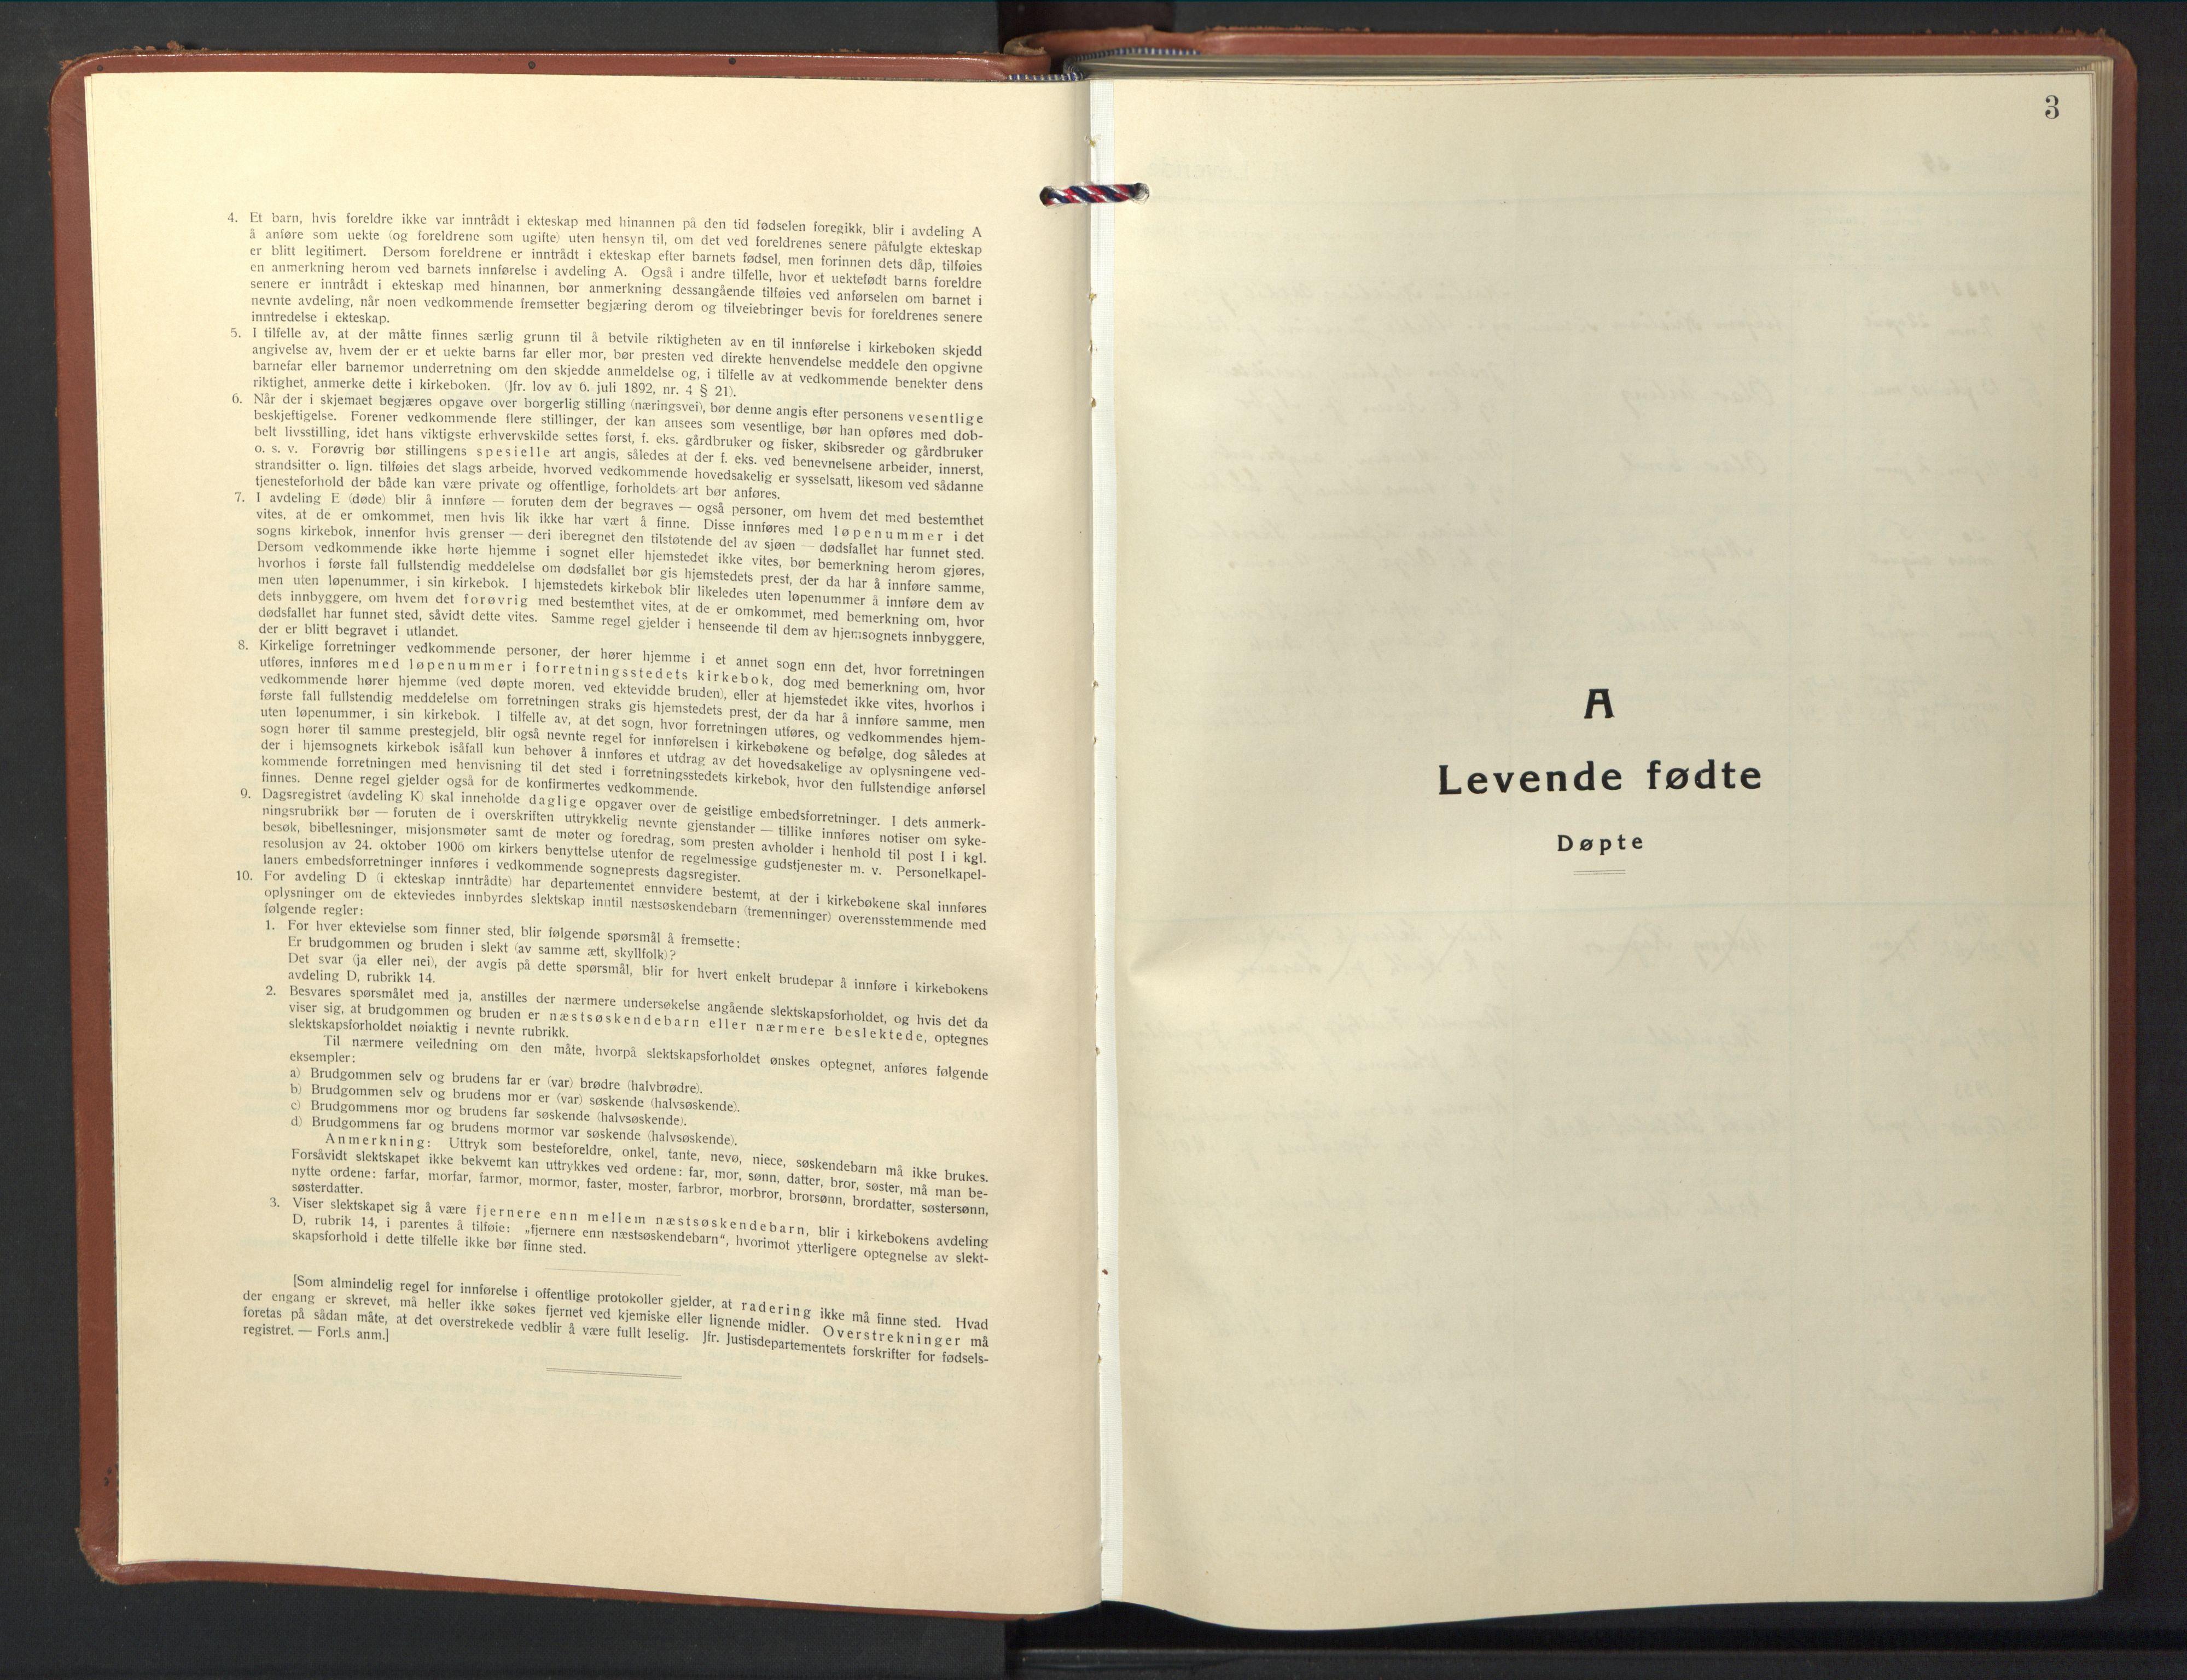 SAT, Ministerialprotokoller, klokkerbøker og fødselsregistre - Nord-Trøndelag, 774/L0631: Klokkerbok nr. 774C02, 1934-1950, s. 3